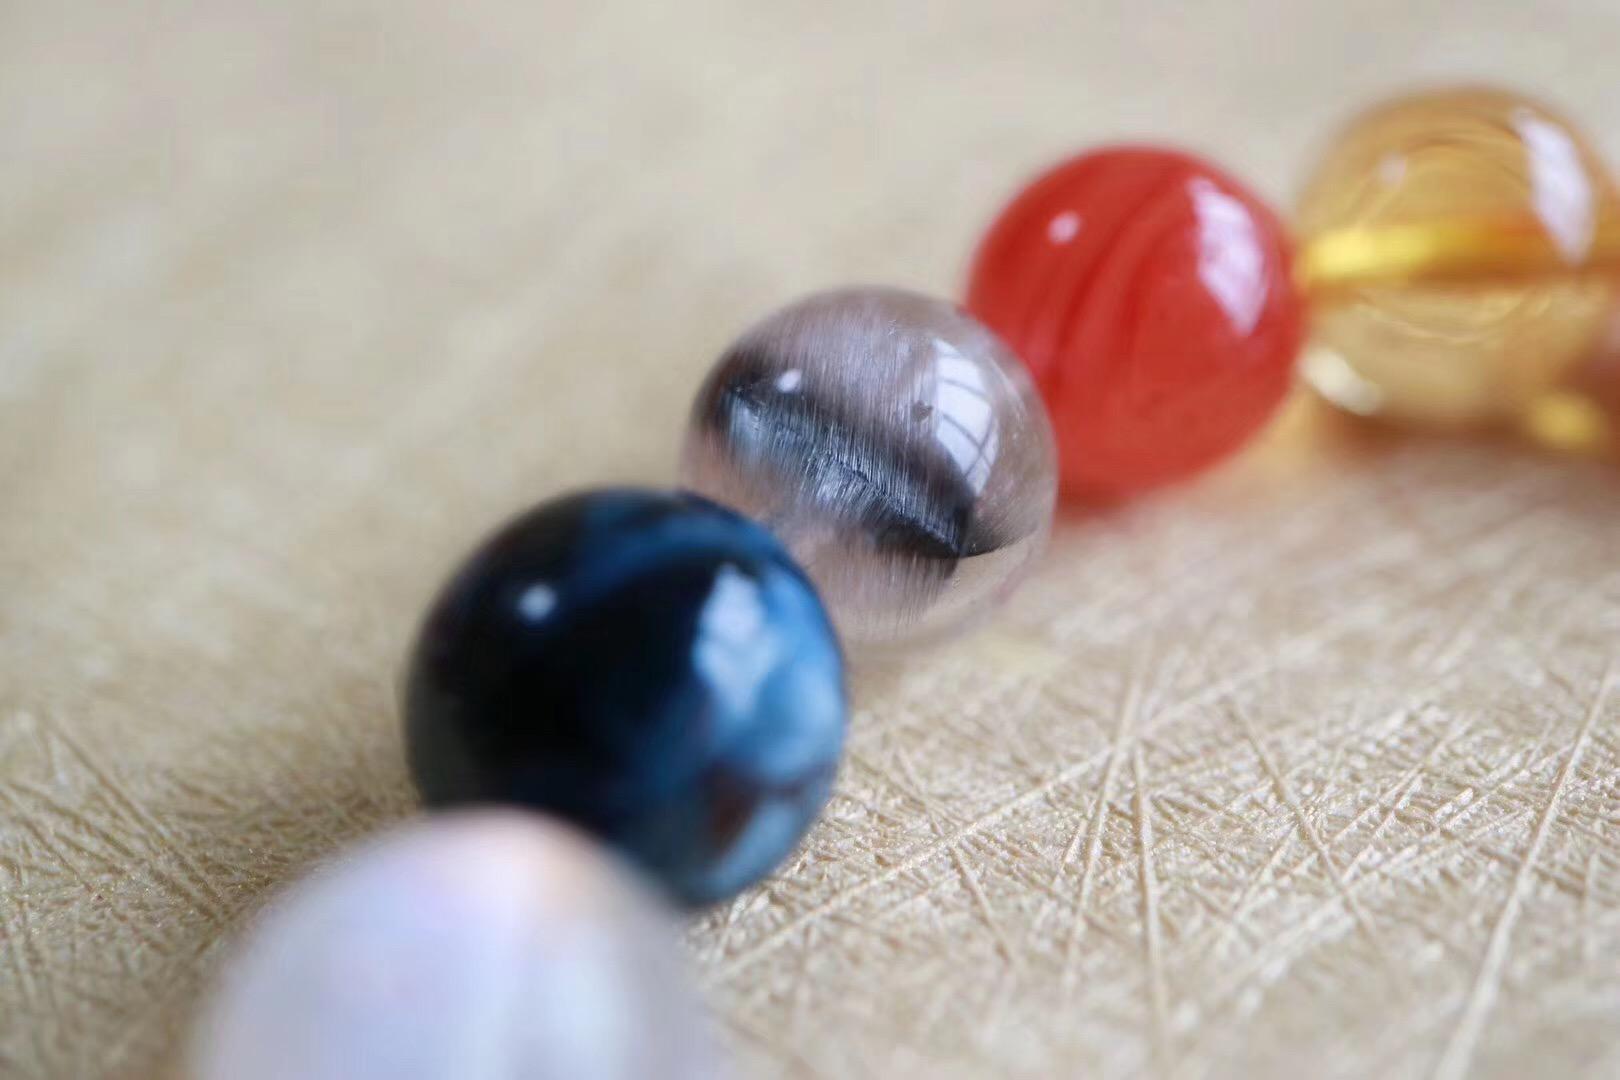 【菩心  多宝】非常好运,平衡、疏通人体所有七个脉轮的能量-菩心晶舍